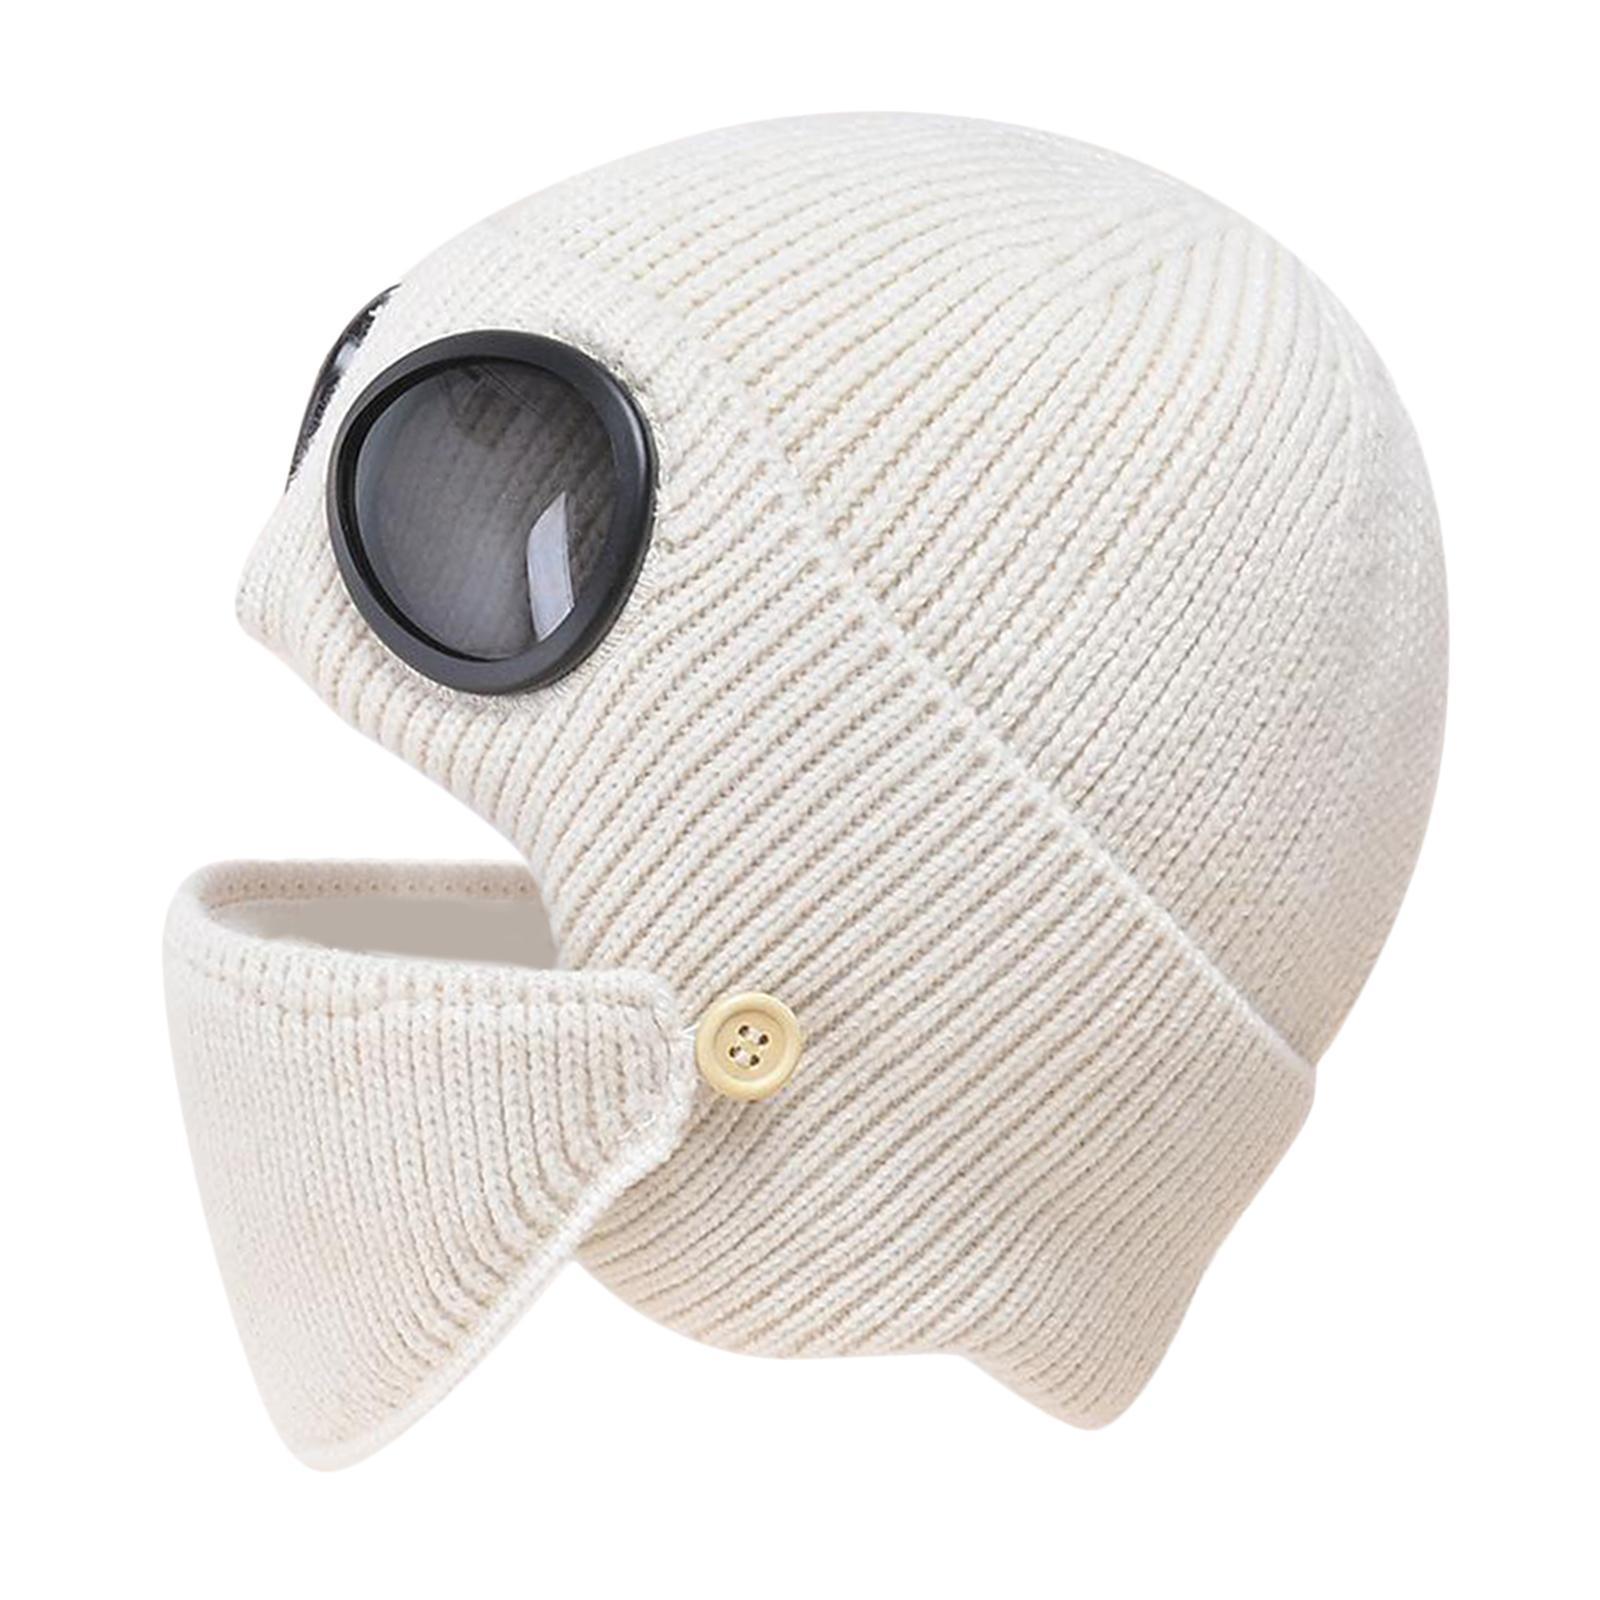 miniature 36 - Masque de tête de visage hiver bonnet chaud avec lunettes casquette d'oreille